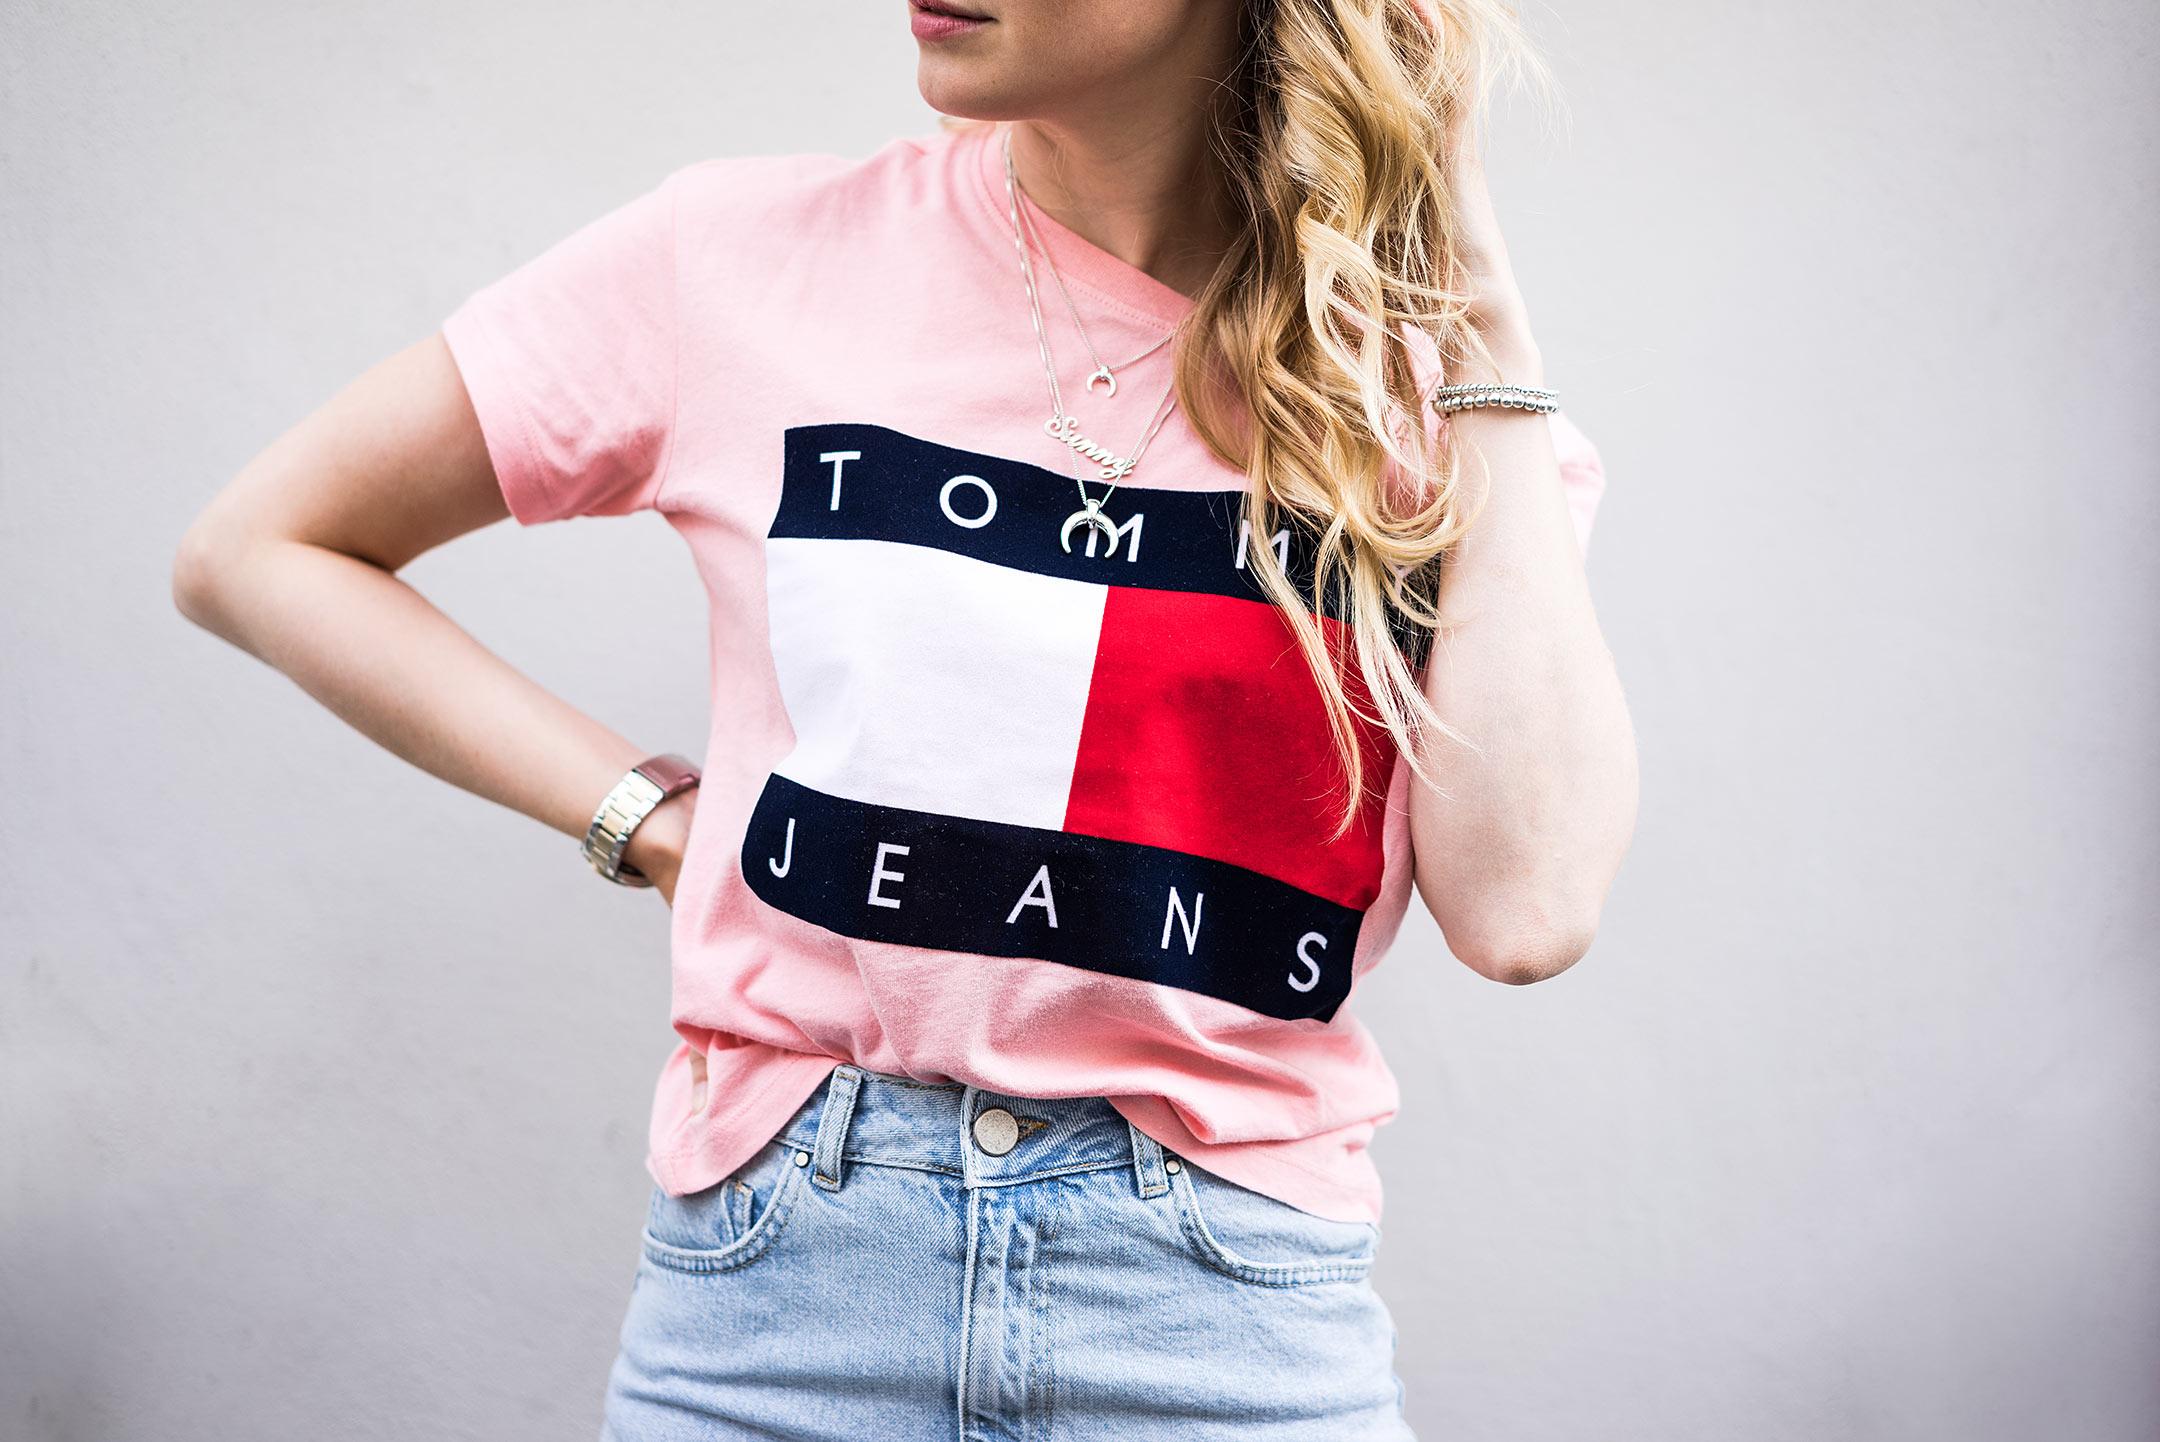 Hilfiger Denim Tommy Jeans 90s Shirt Rosa Modeblog Düsseldorf Sunnyinga